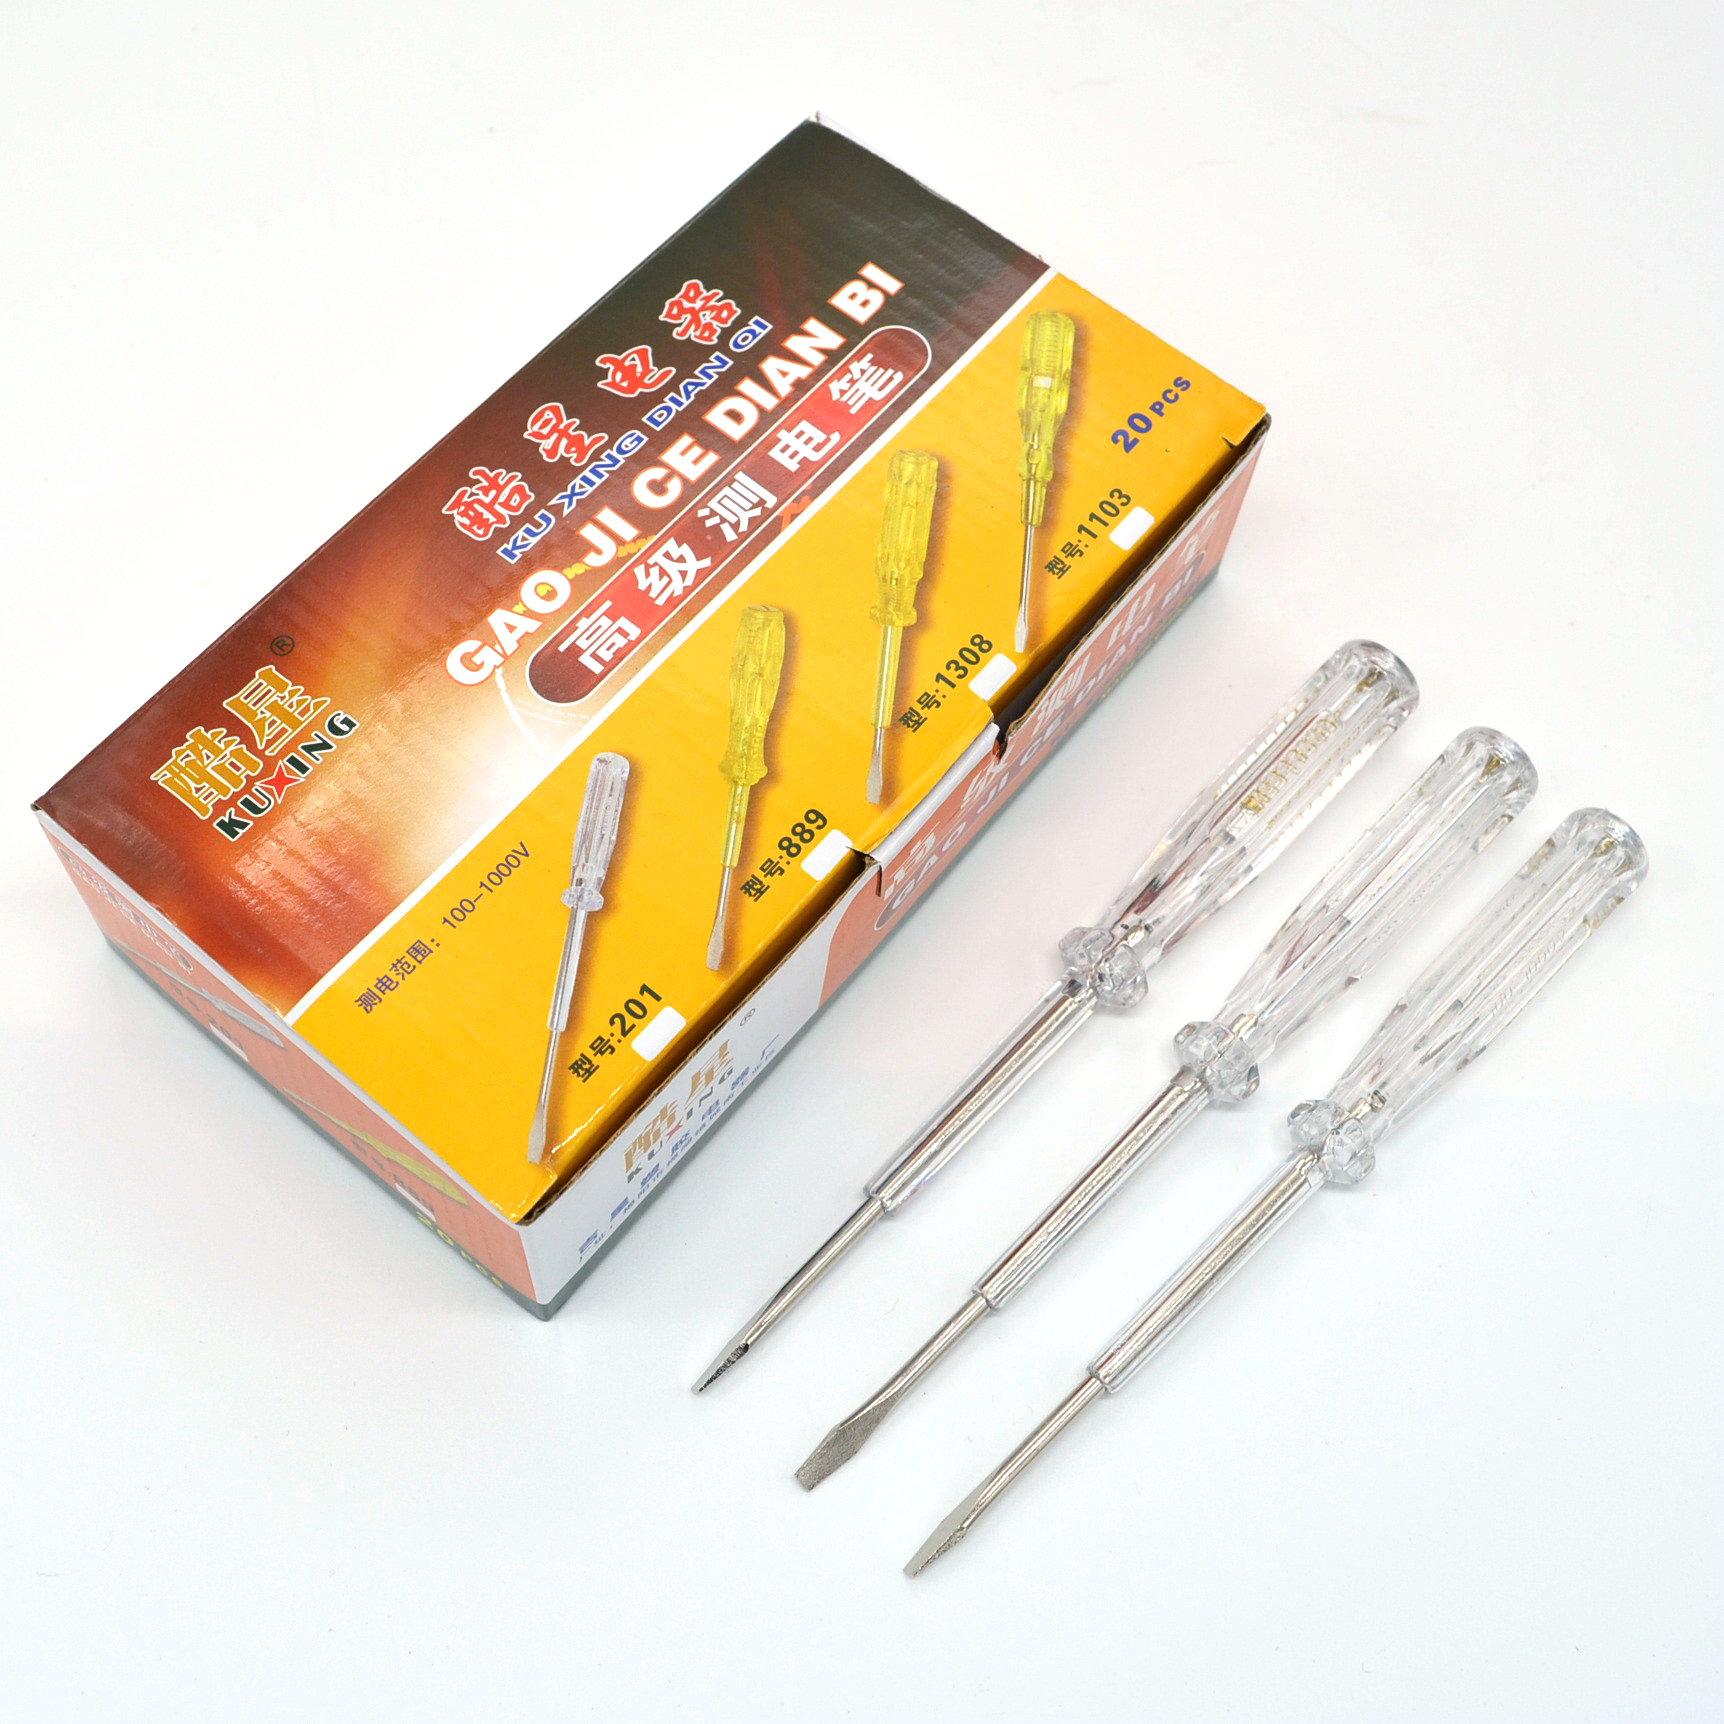 家用测电笔 电工电笔  普通型试电笔 电工工具201 万辉百货